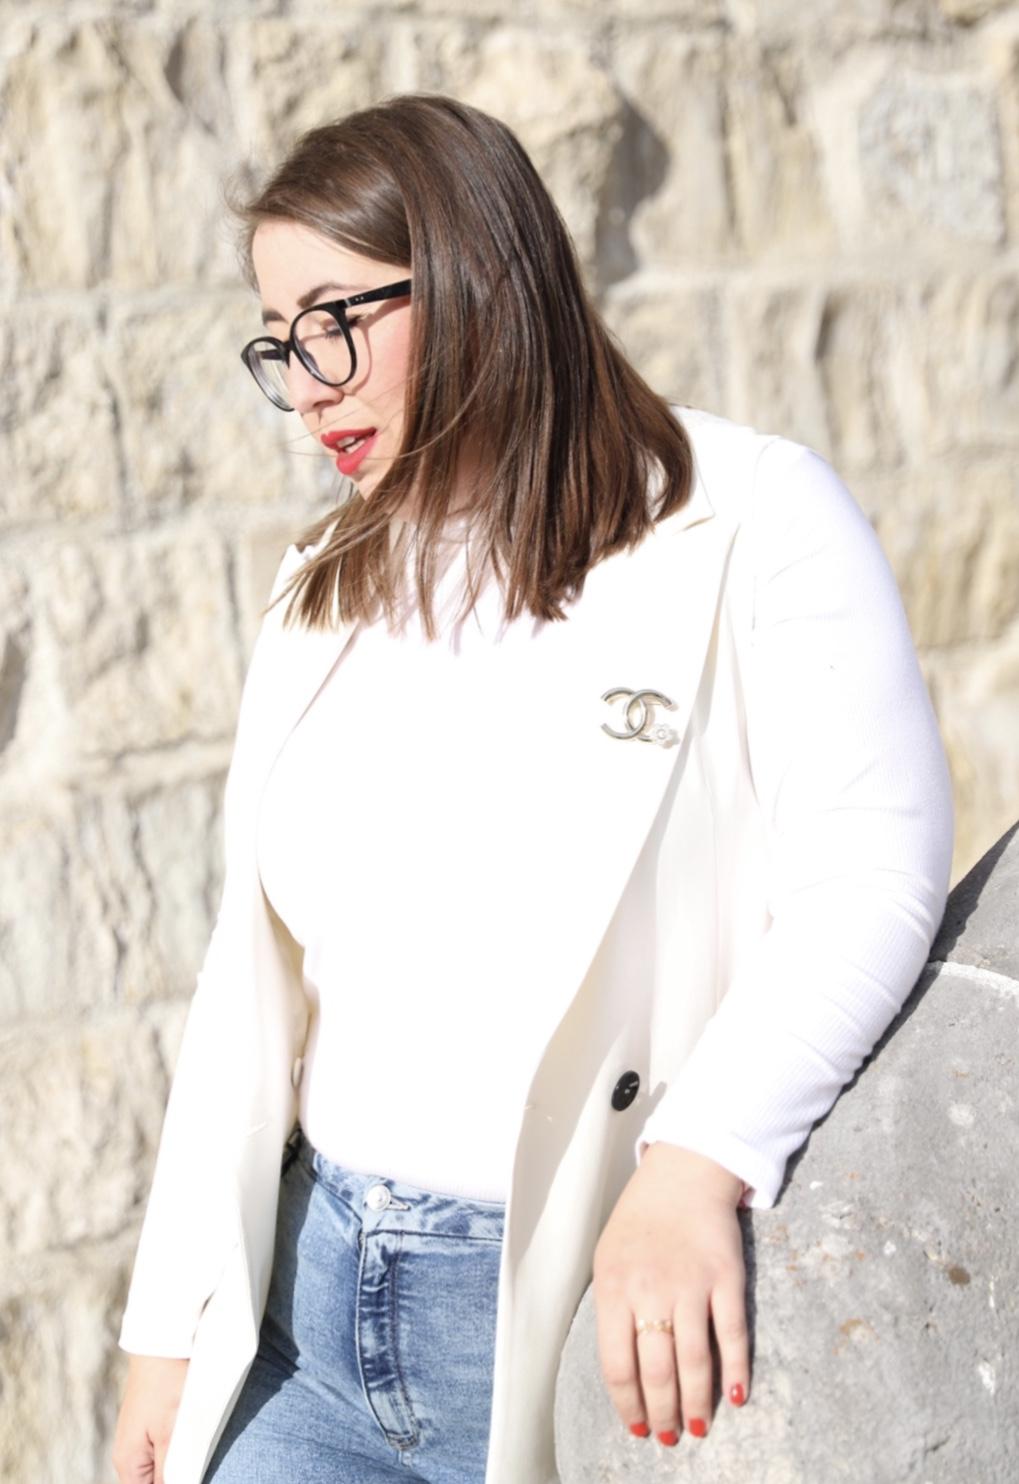 Miss-Suzie-Loves-Blazer-Weste-Rollkragenshirt-High-Waist-Jeans-Outfit-Chanel-Brosche-Gucci-Dionysus